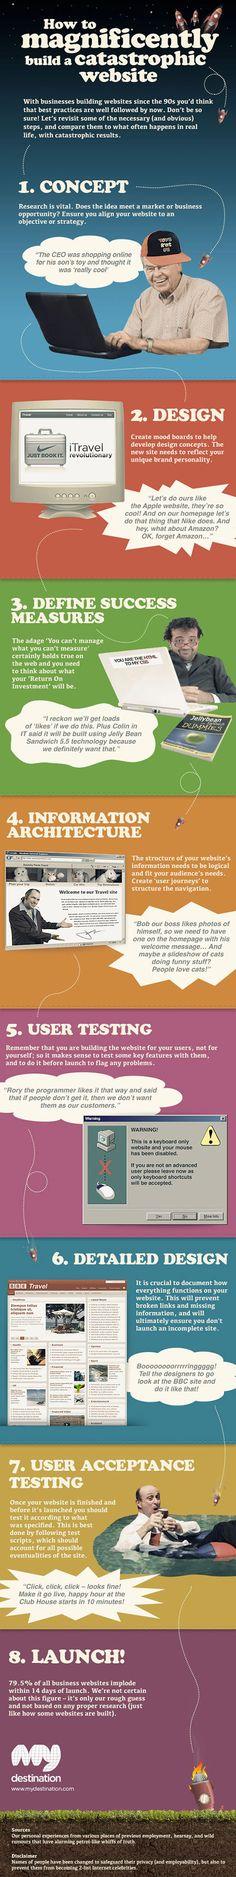 webdesign, catastroph websit, magnific build, market, web design, social media, busi, websit infograph, inform infograph